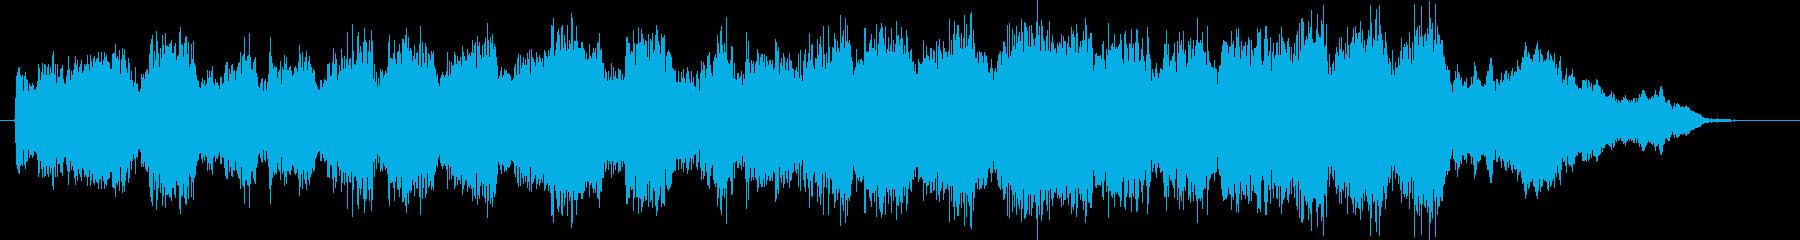 CMや映像、ピアノ、ストリングス、30秒の再生済みの波形